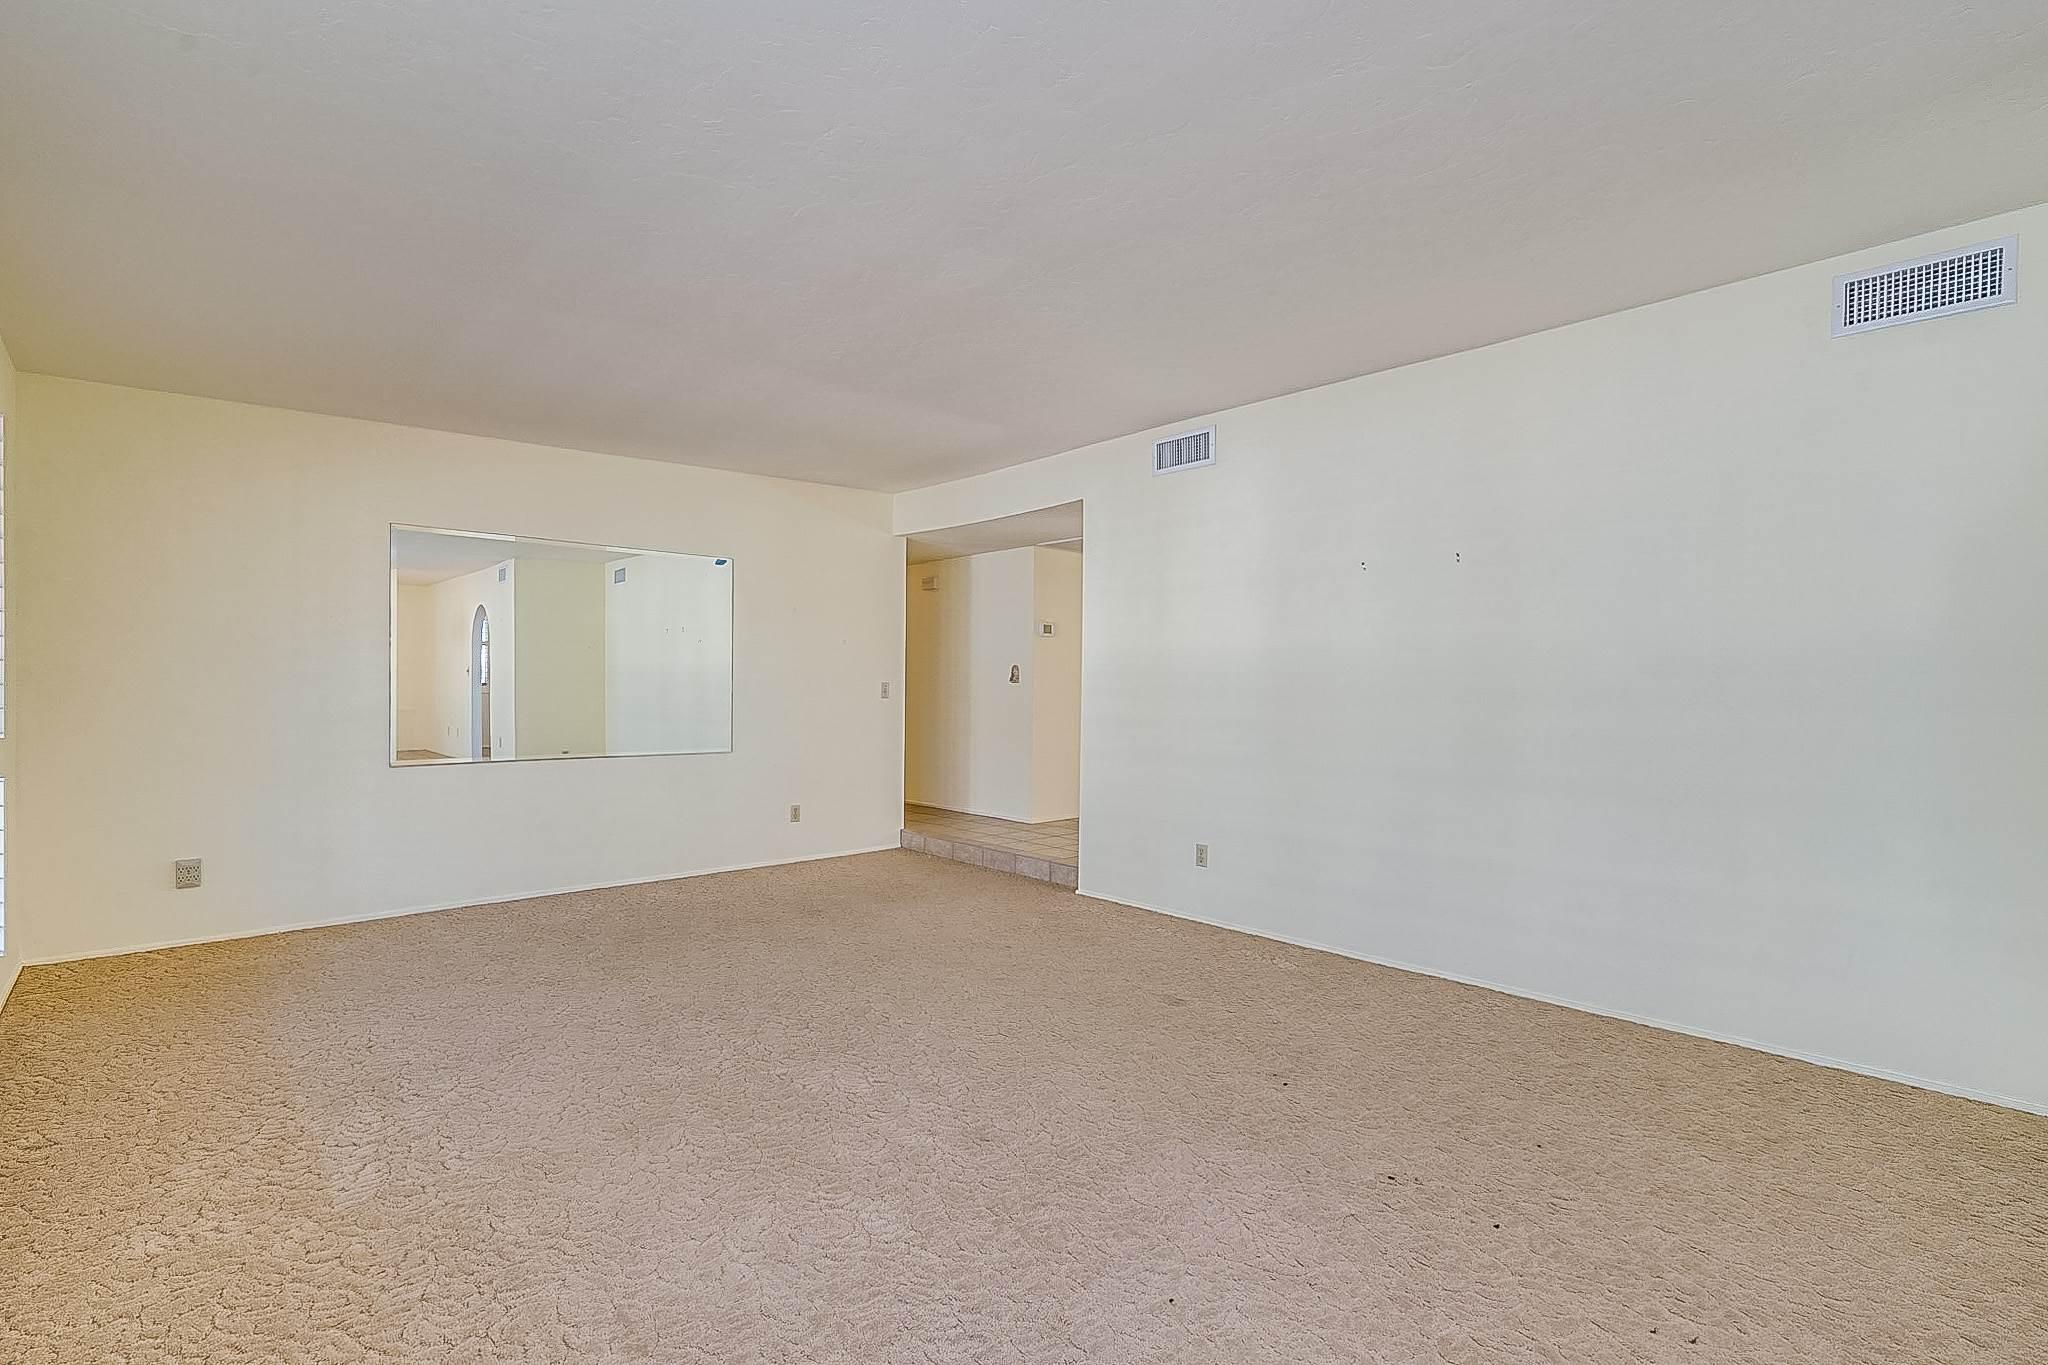 9121 E 38th st, Tucson, AZ 85730